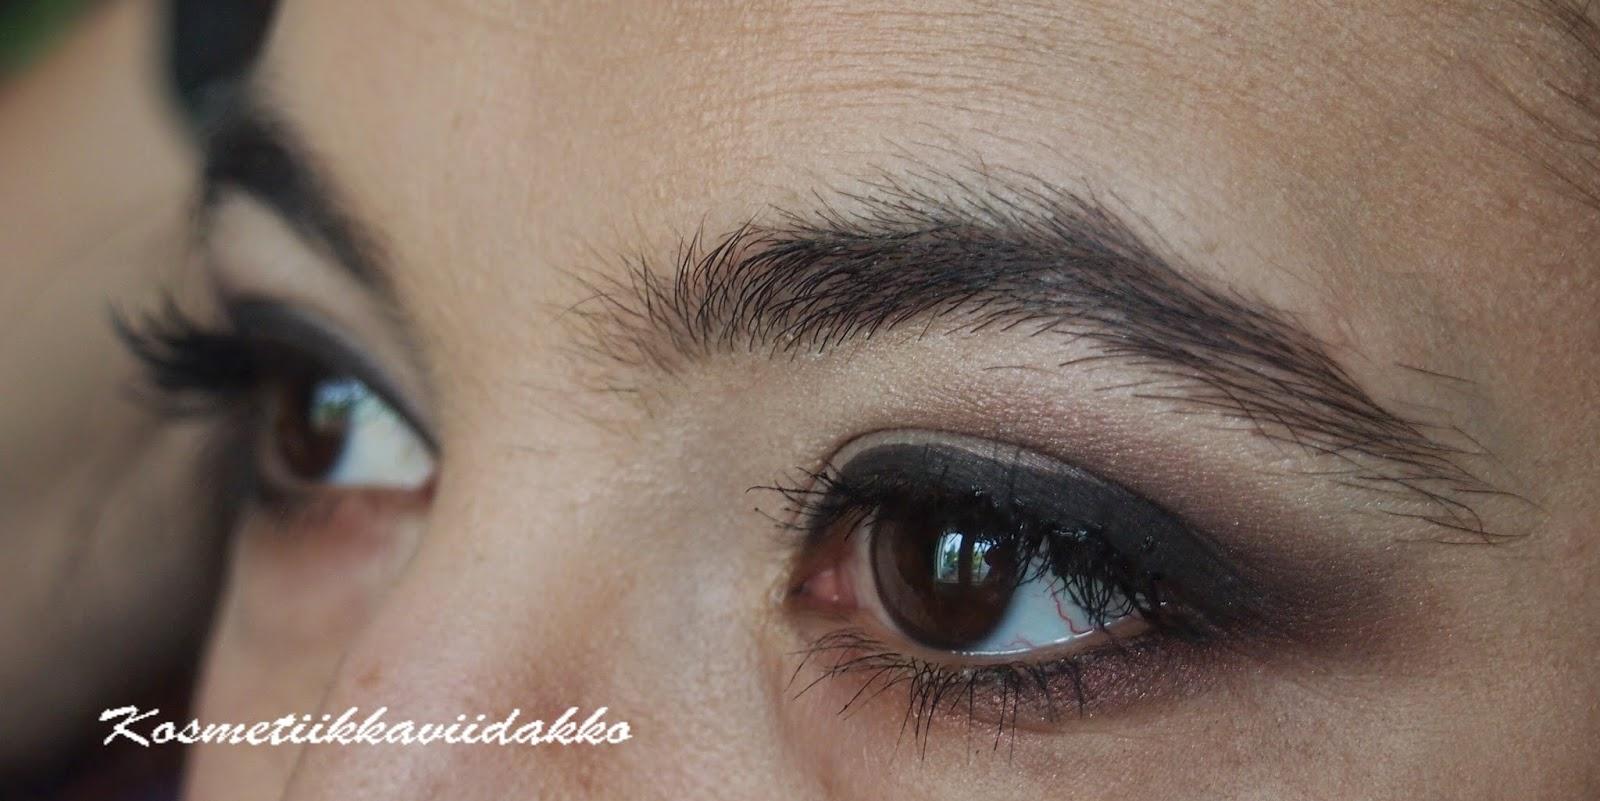 sinisille silmille sopiva luomiväri